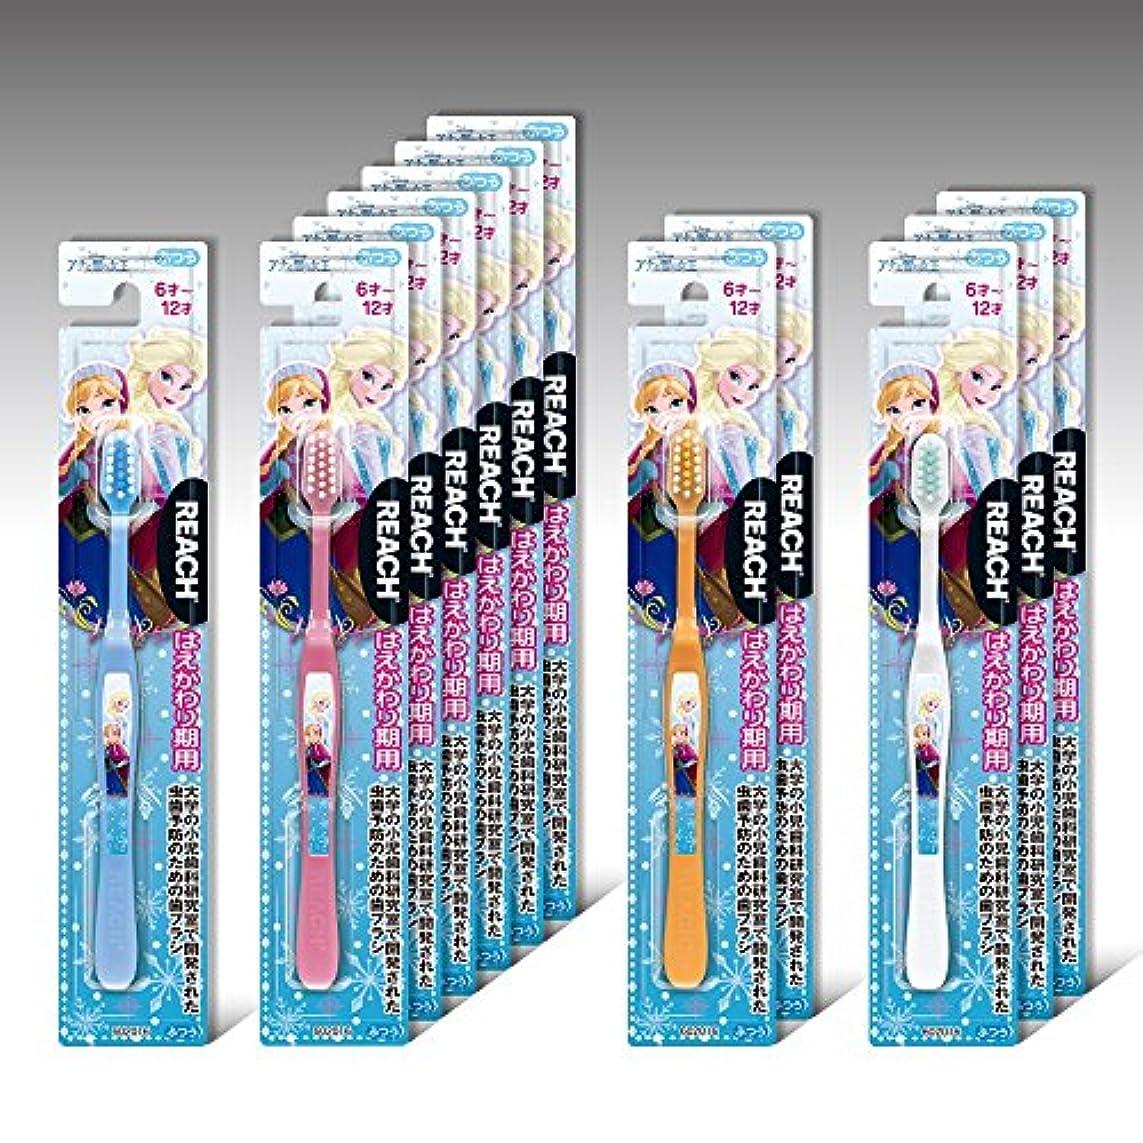 インクタービンツインリーチキッズ ディズニー アナと雪の女王 はえかわり期用(6~12才) 12本セット